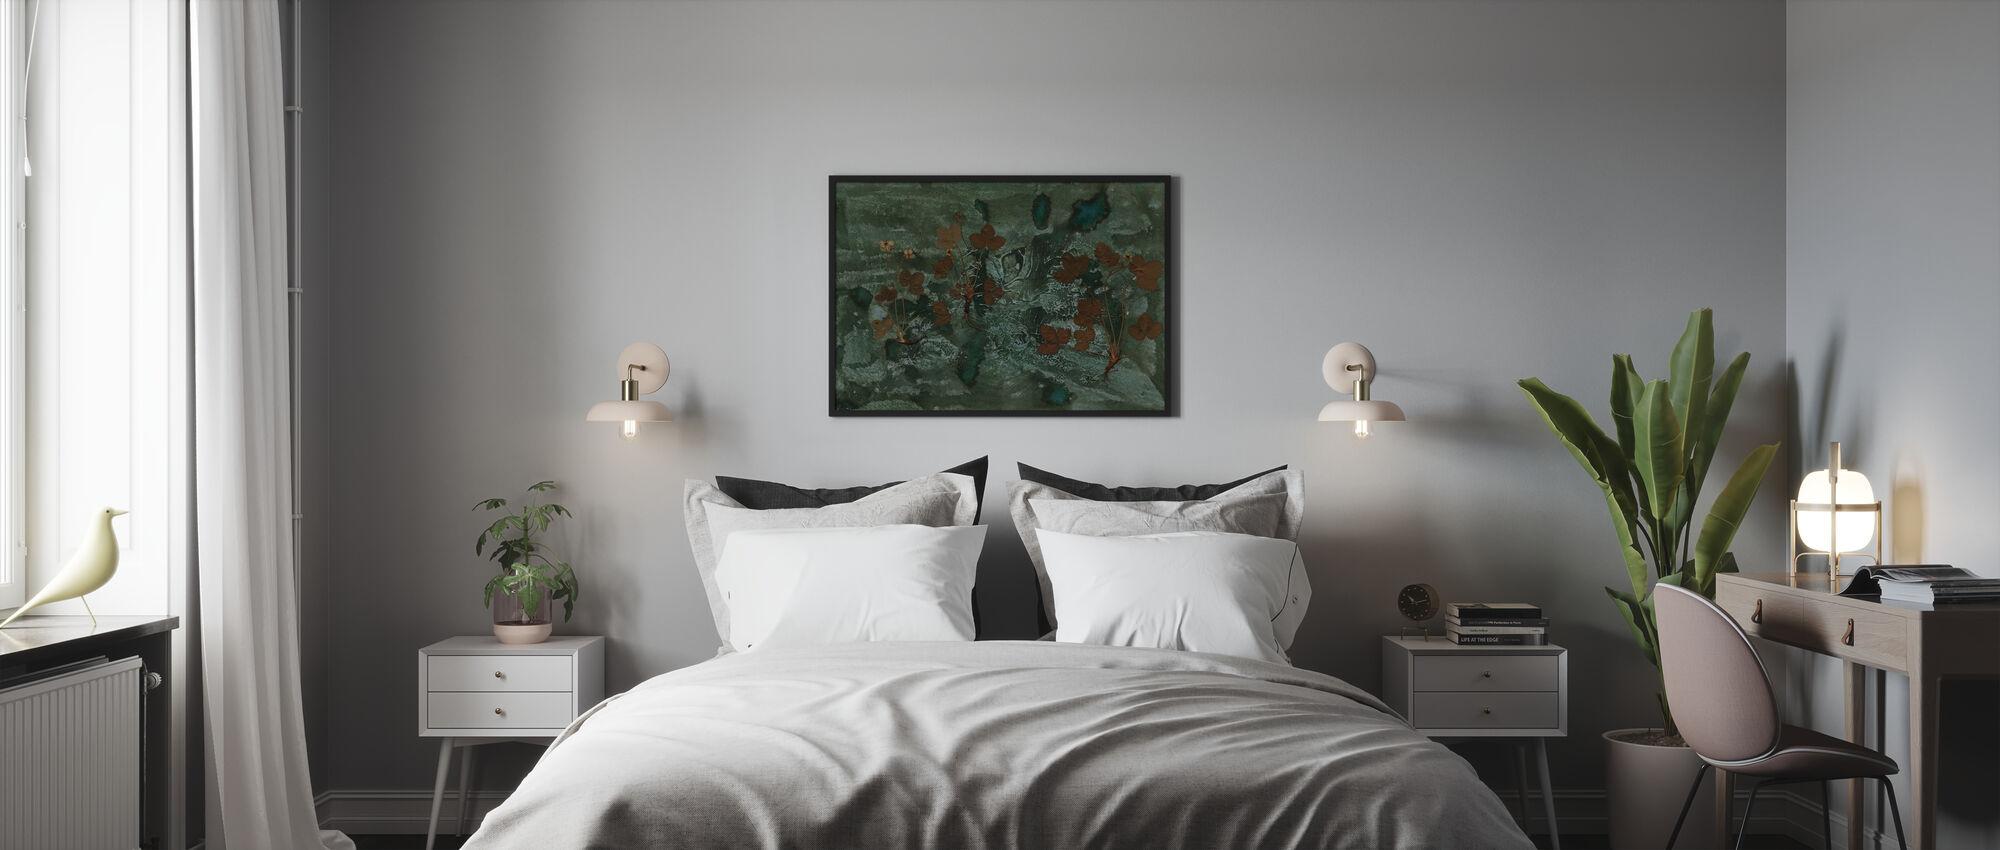 Bibi - Print enmarcado - Dormitorio